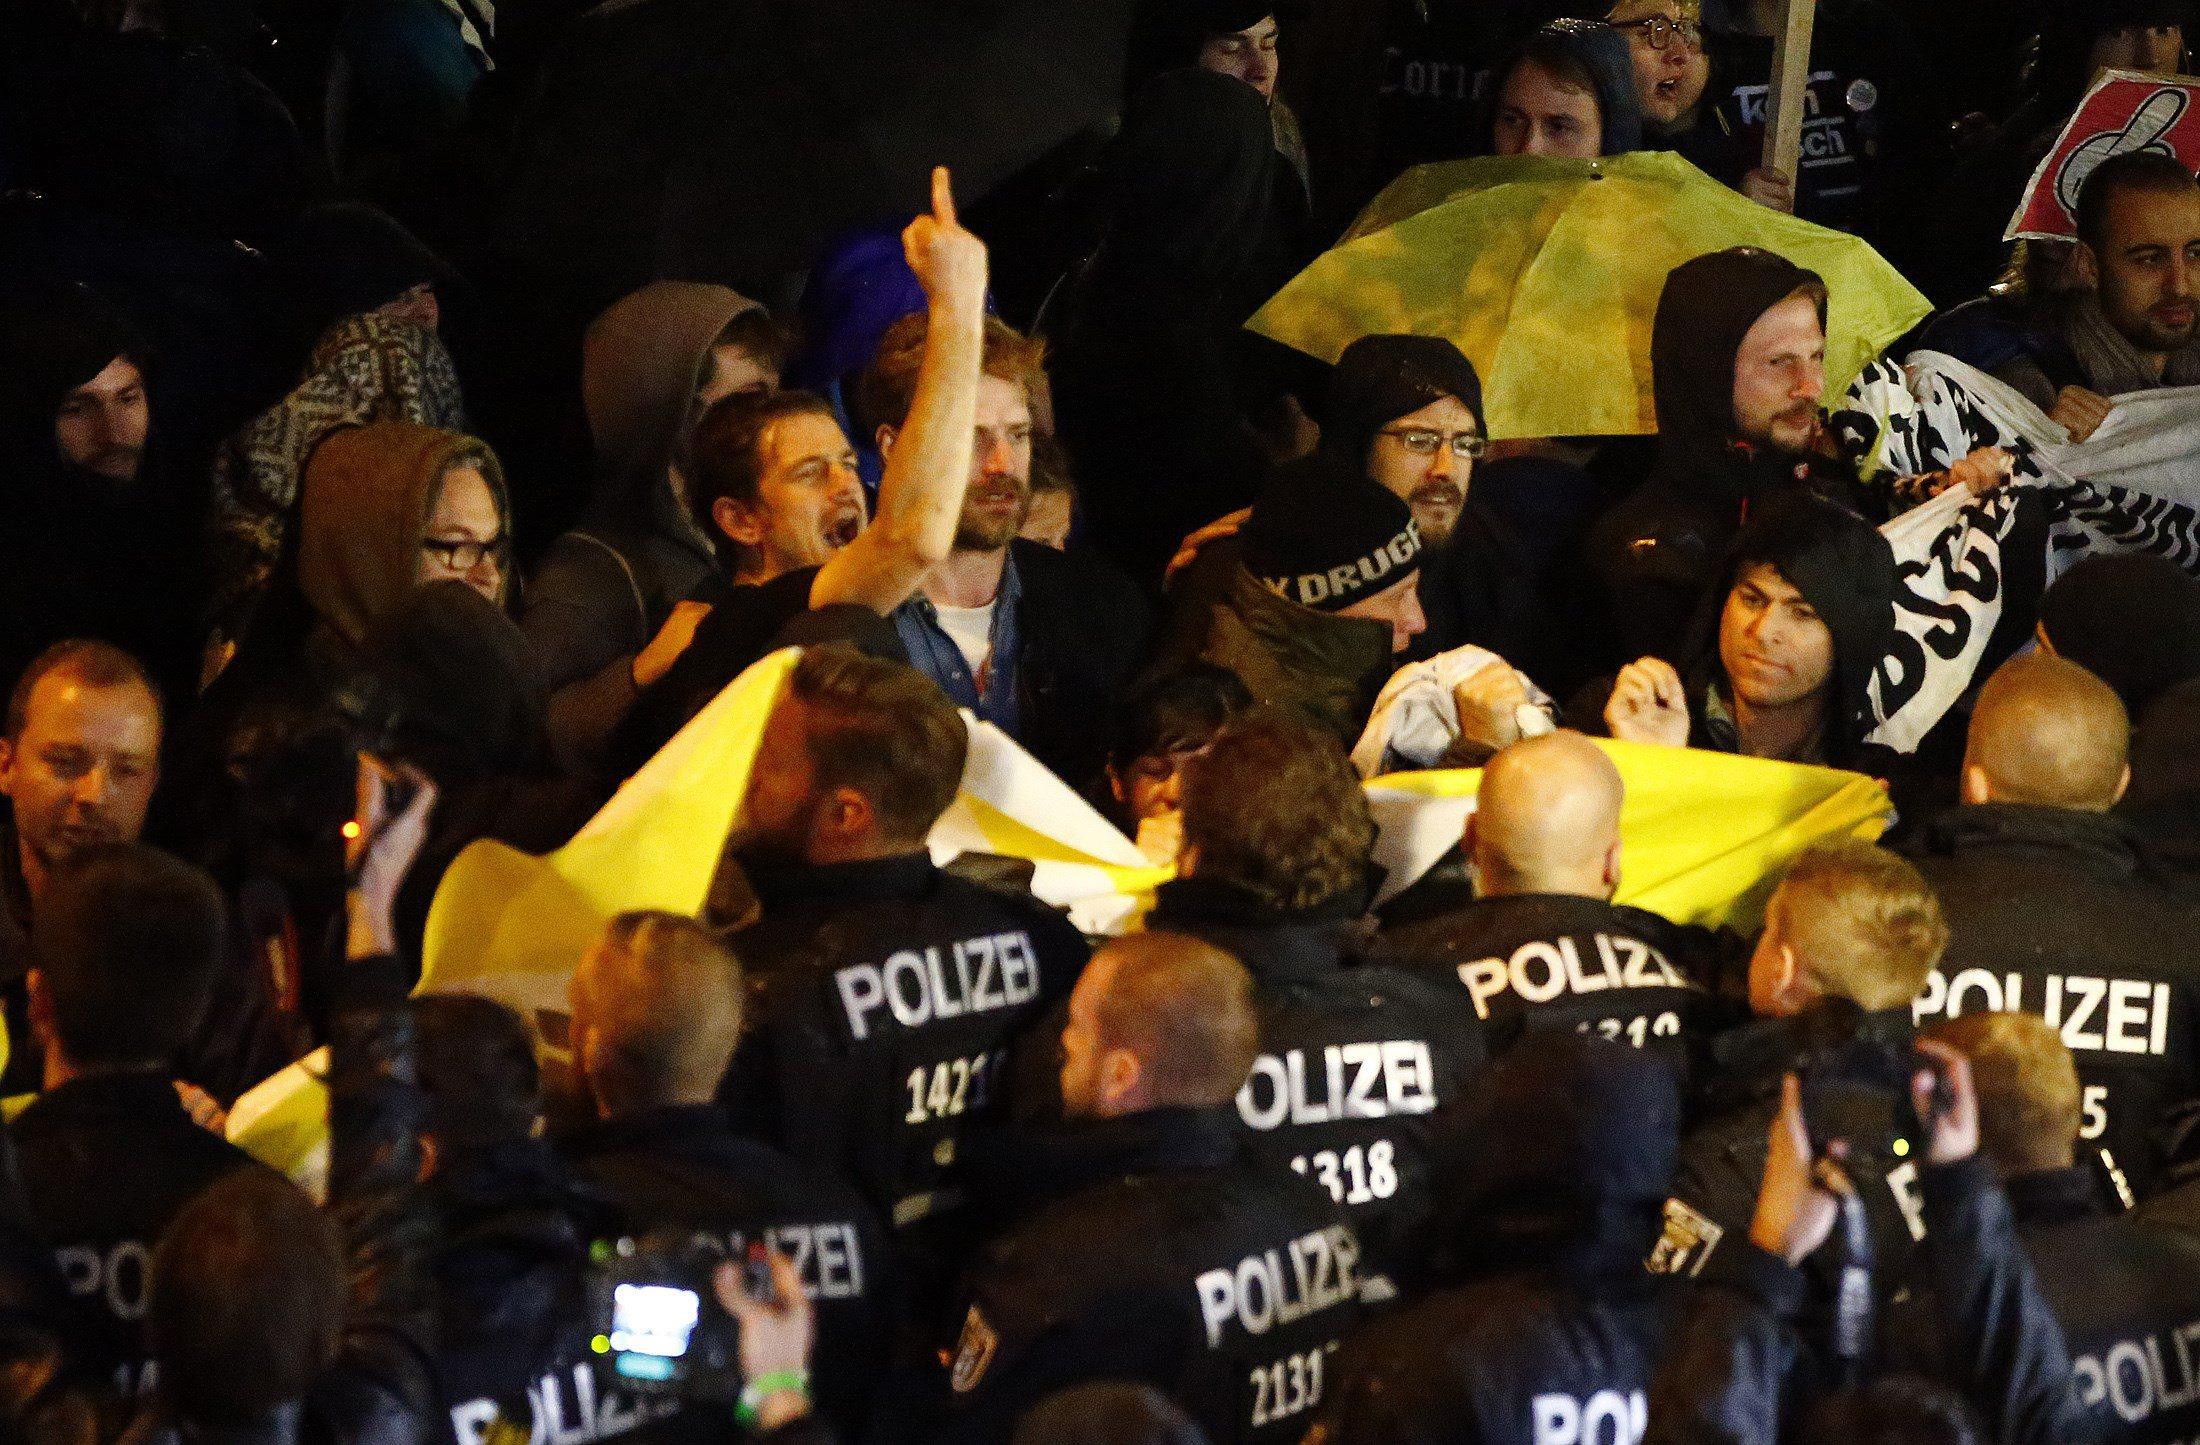 Prosvjedi u Berlinu protiv ulaska desno populističke stranke Alternativa za Njemačku (AfD) u Bundestag 24.9.2017.